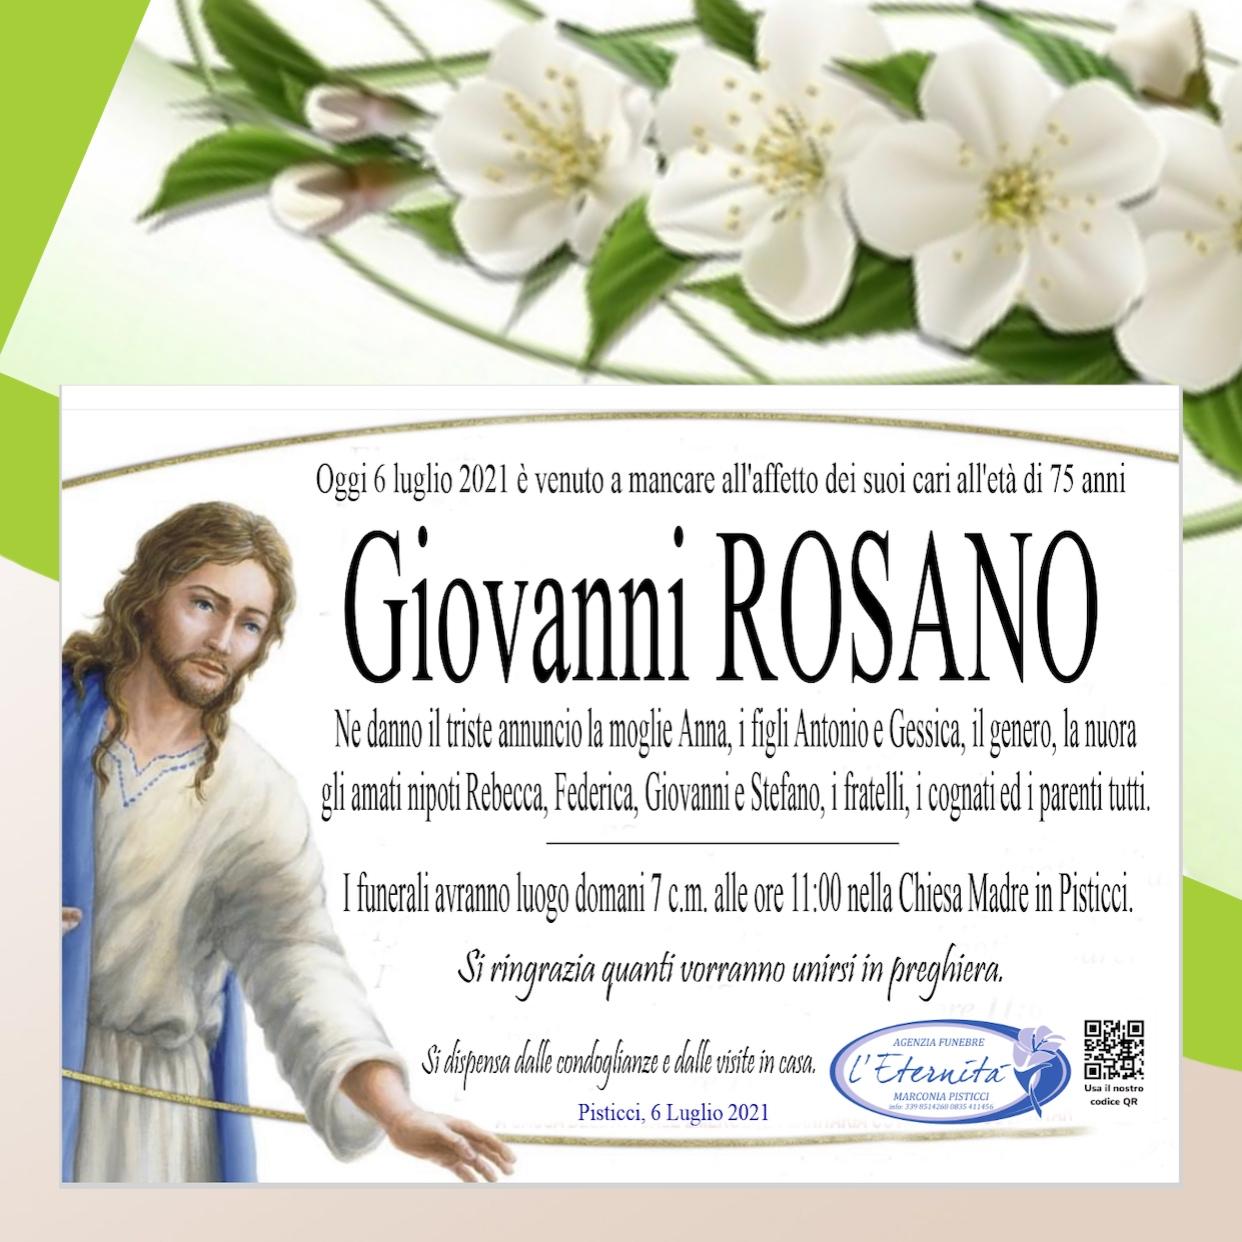 Giovanni ROSANO